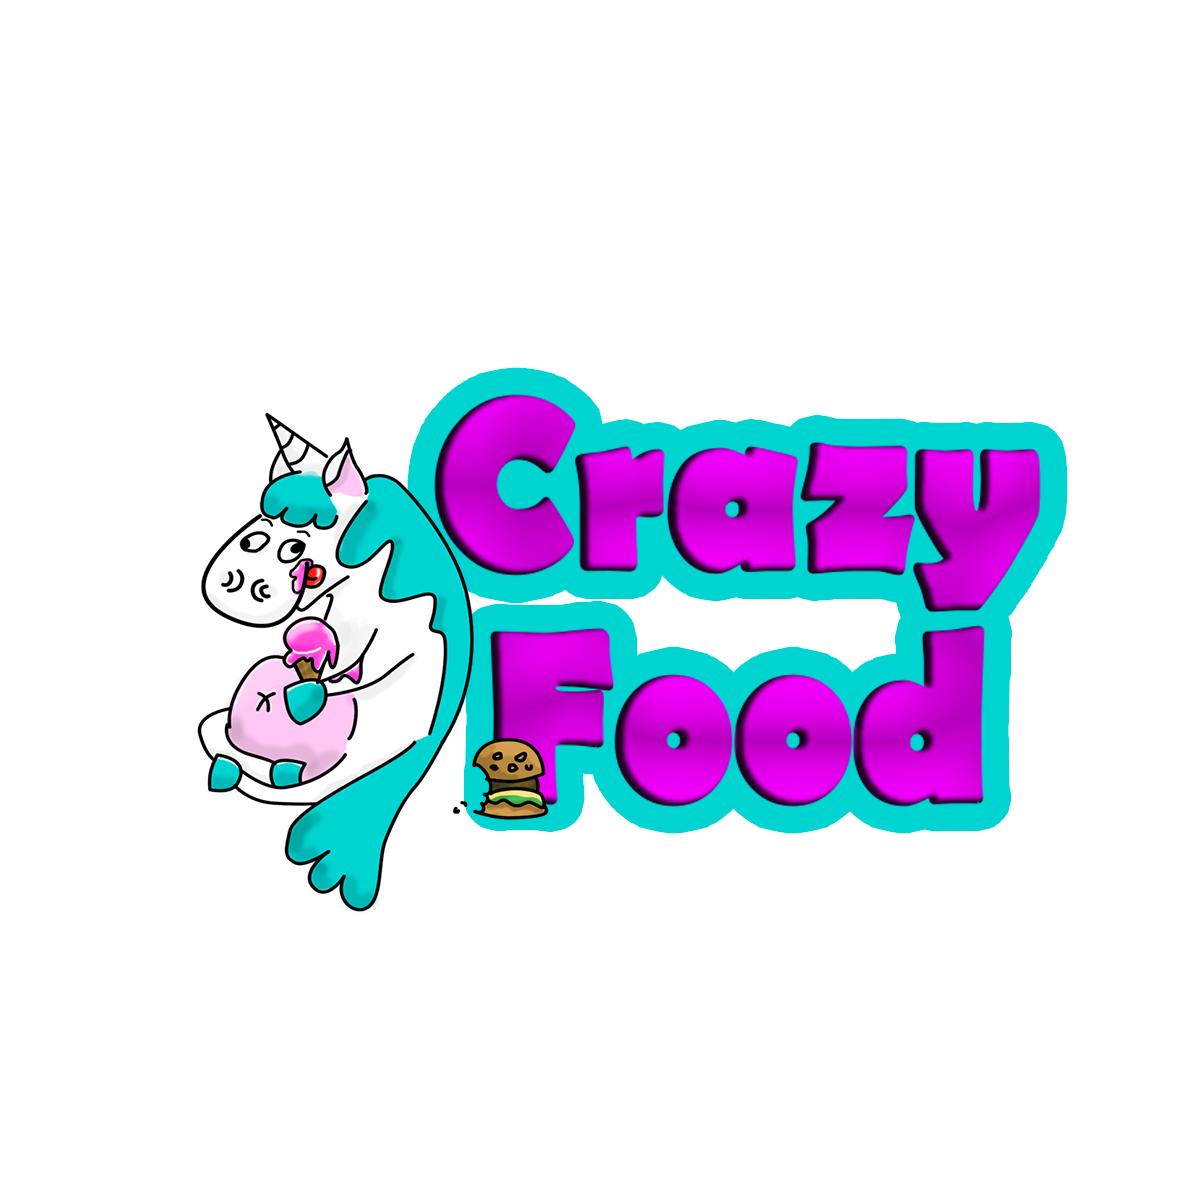 Разработать логотип и персонажа для кафе фото f_220595de28caa142.jpg